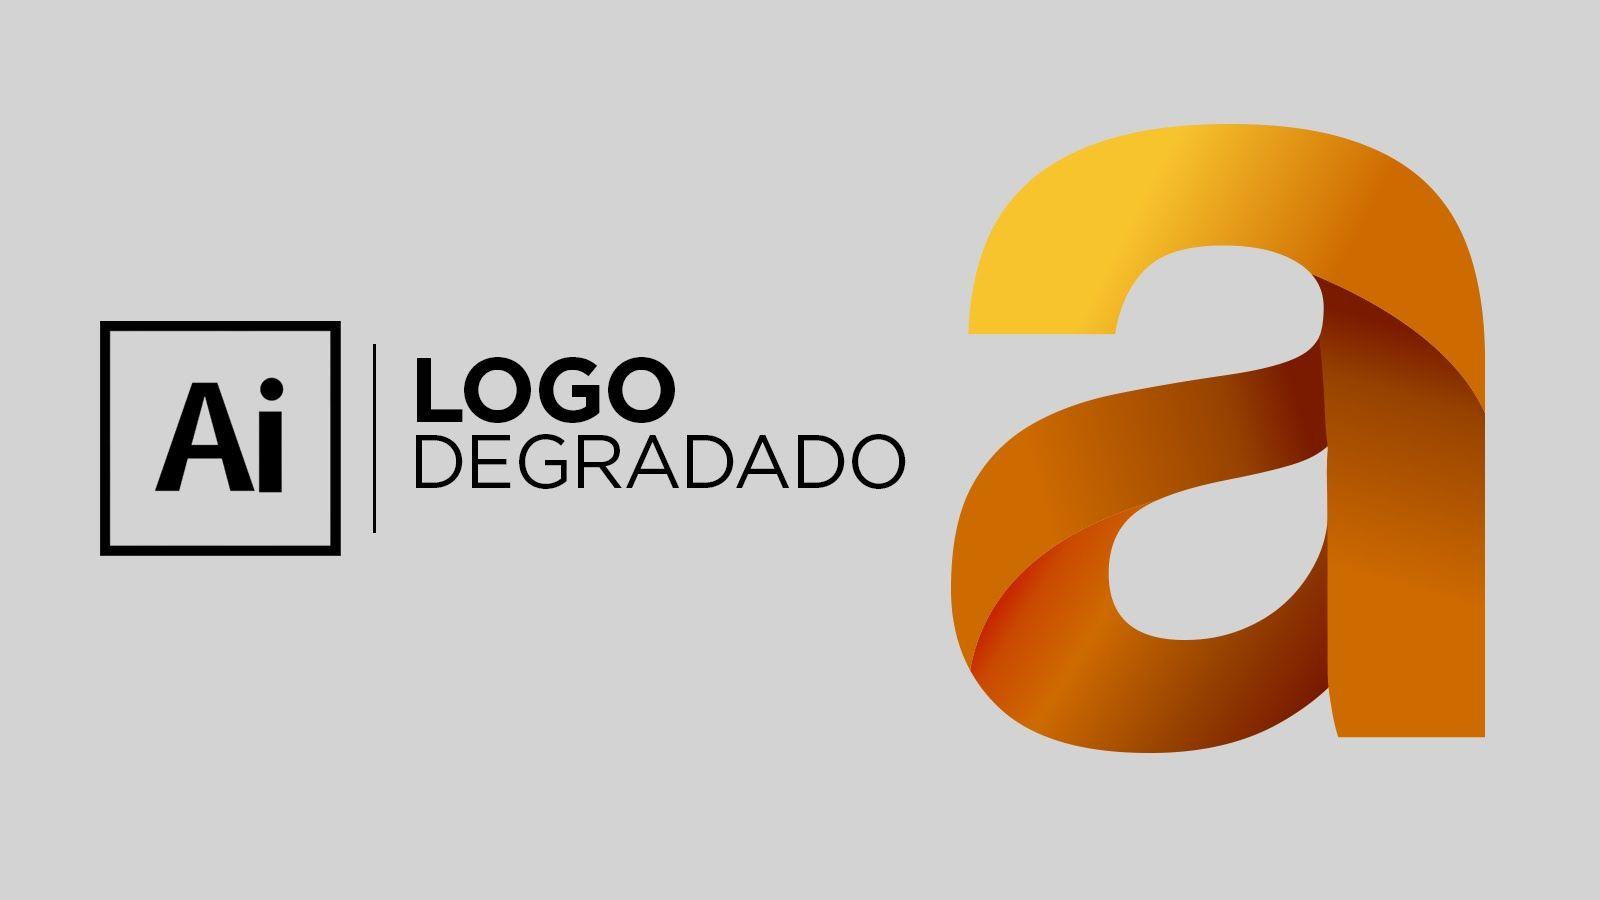 Illustrator Logo Degradado Como Diseñar Un Logotipo Disenos De Unas Tutoriales De Ilustrador